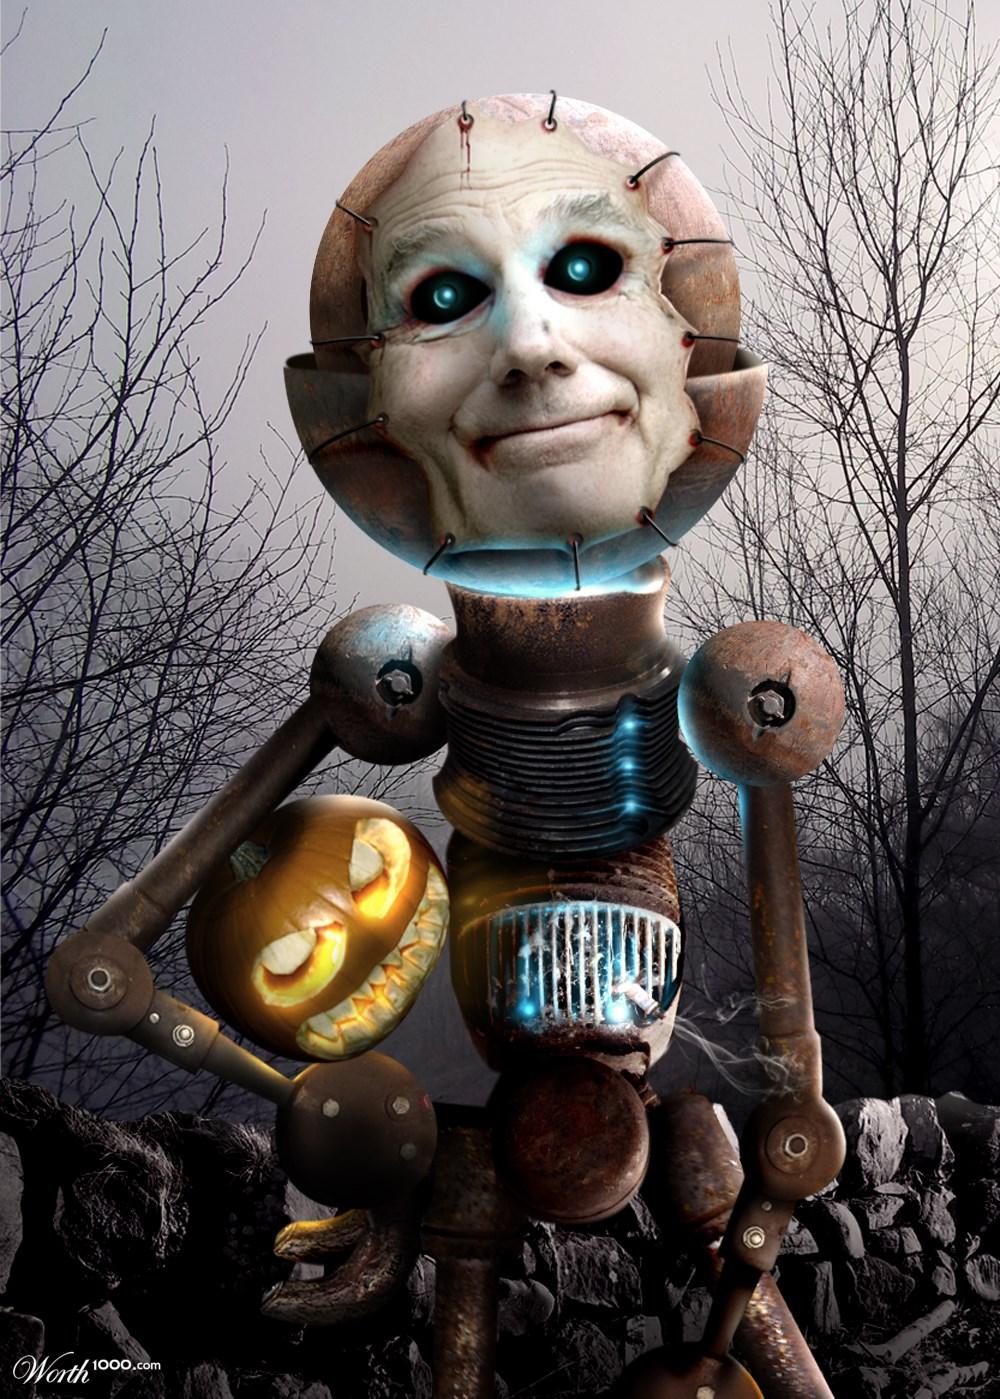 Баязет Bot